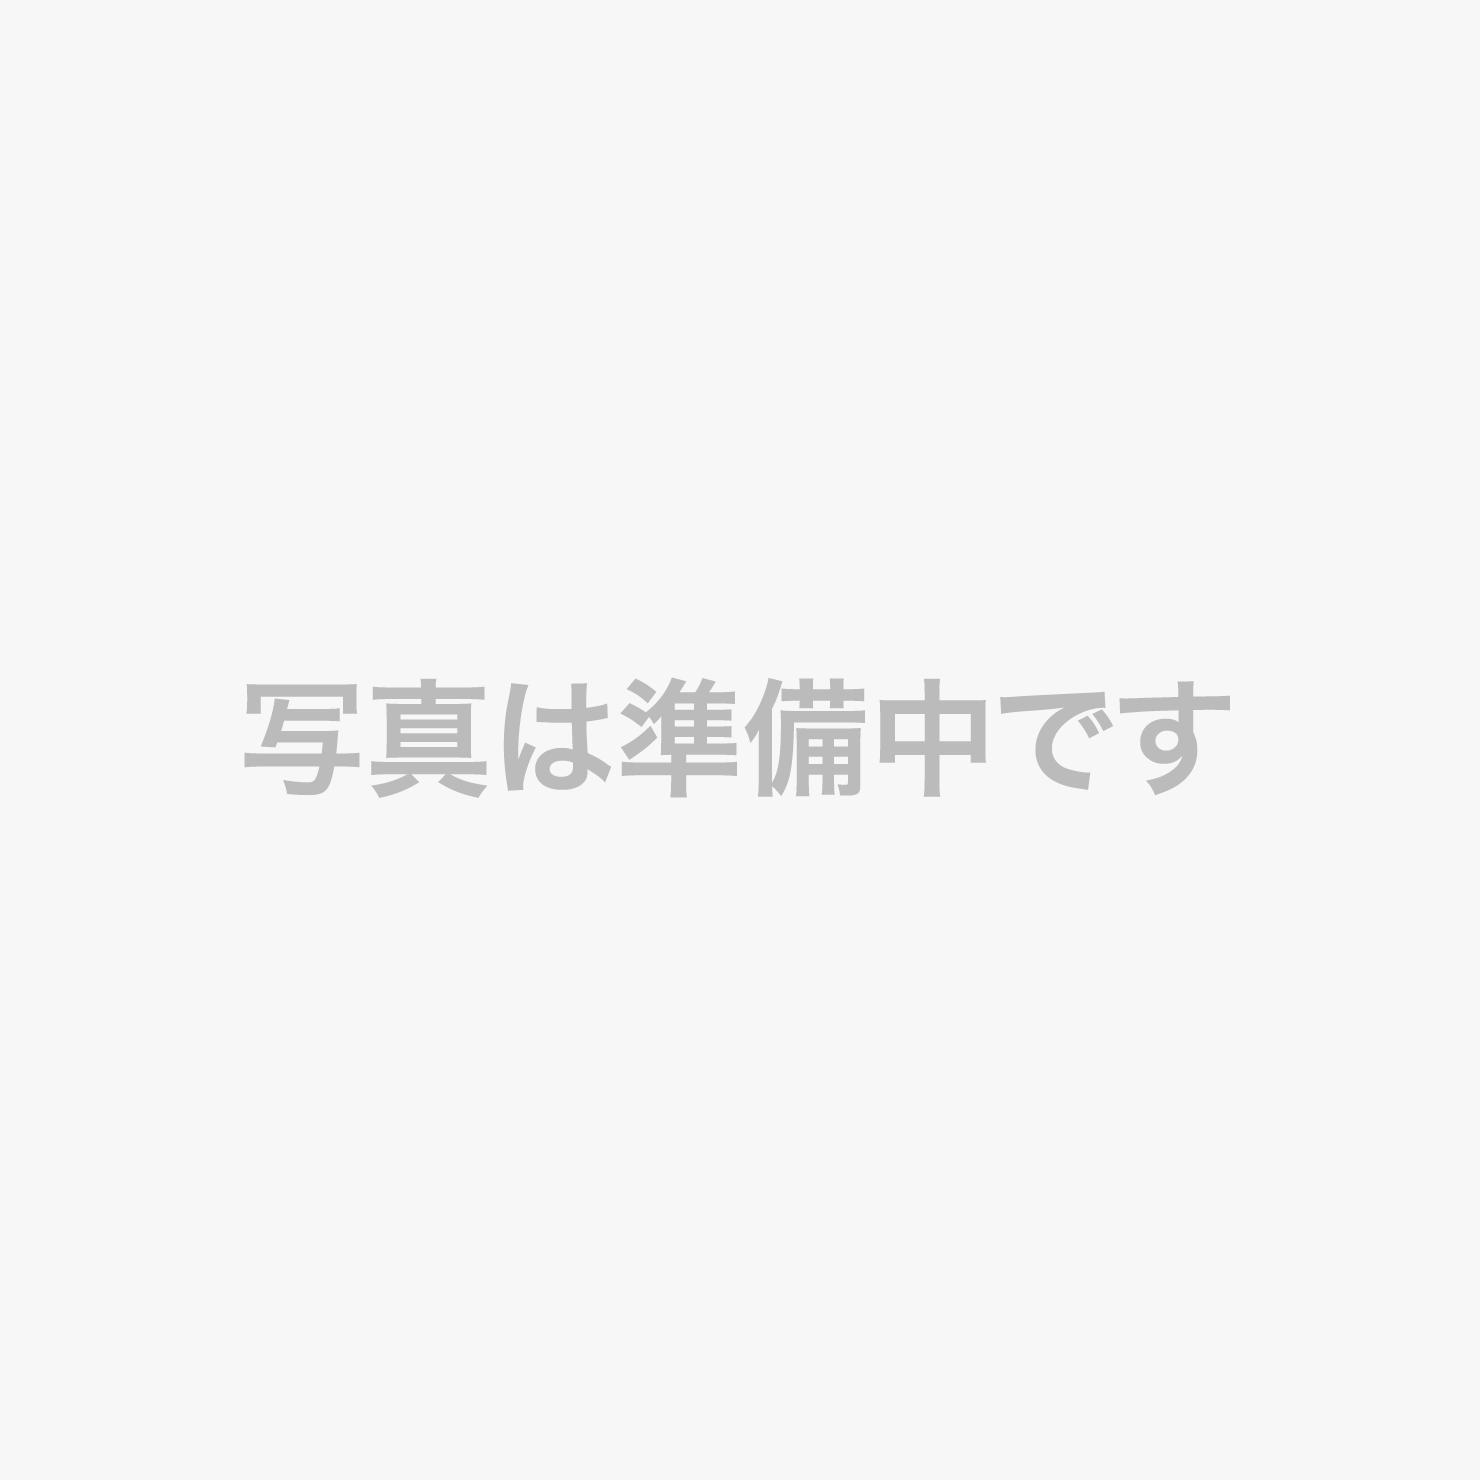 愛媛ならではの安心、安全な食材を用いて、料理長が日本料理の真心でお料理を仕上げます。どうぞ、ご堪能ください。